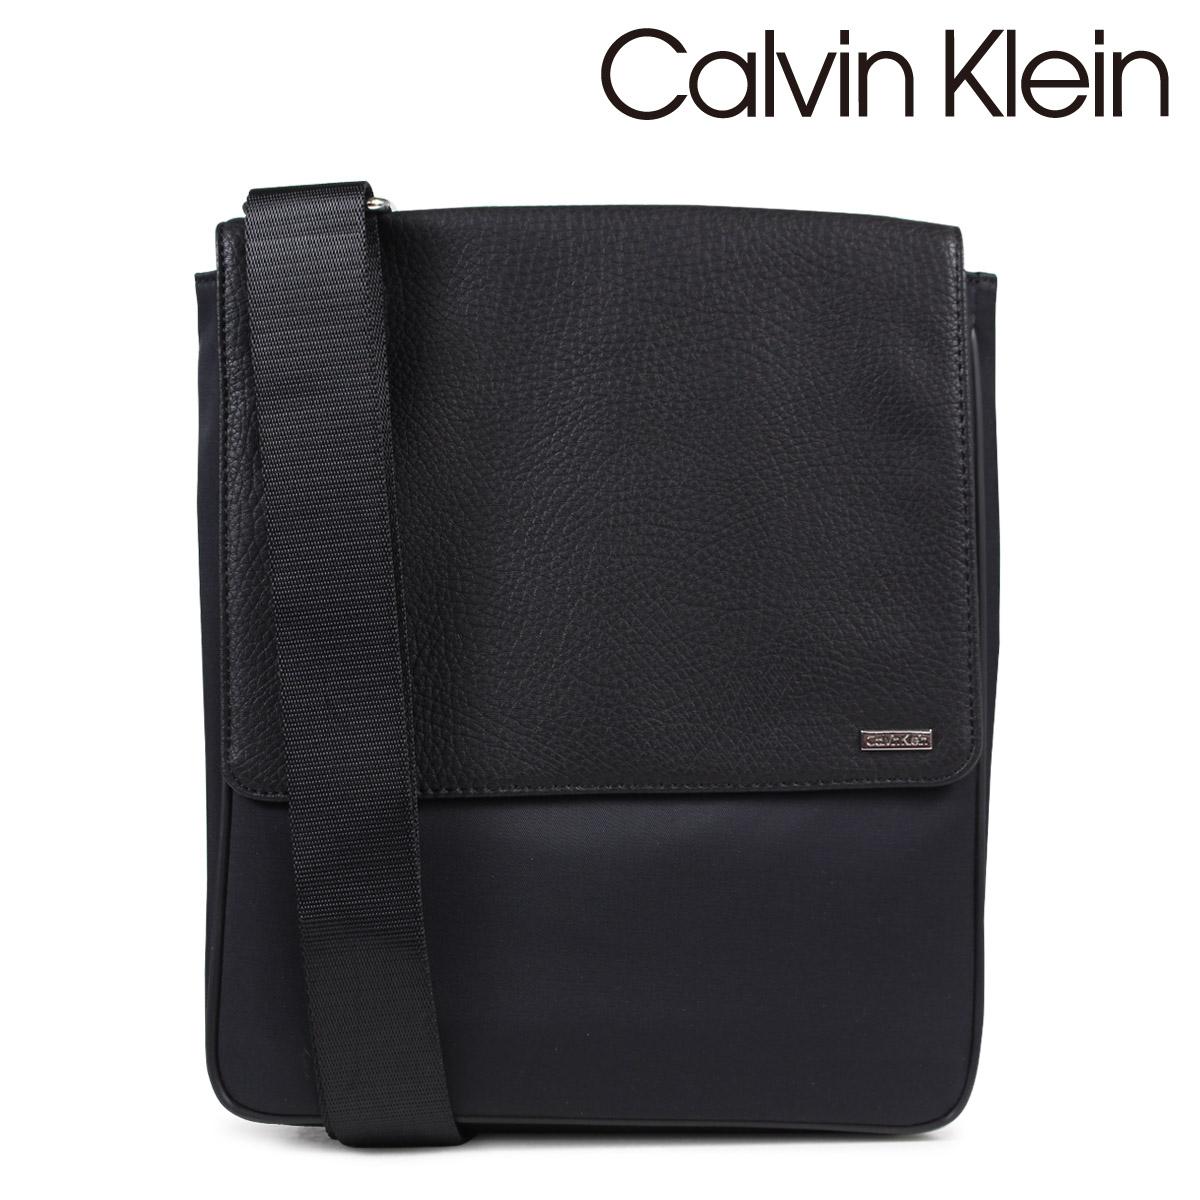 421b5e69d59 Calvin Klein COTTON NYLON REPORTER Calvin Klein bag men shoulder bag black  75026796 [2/ ...